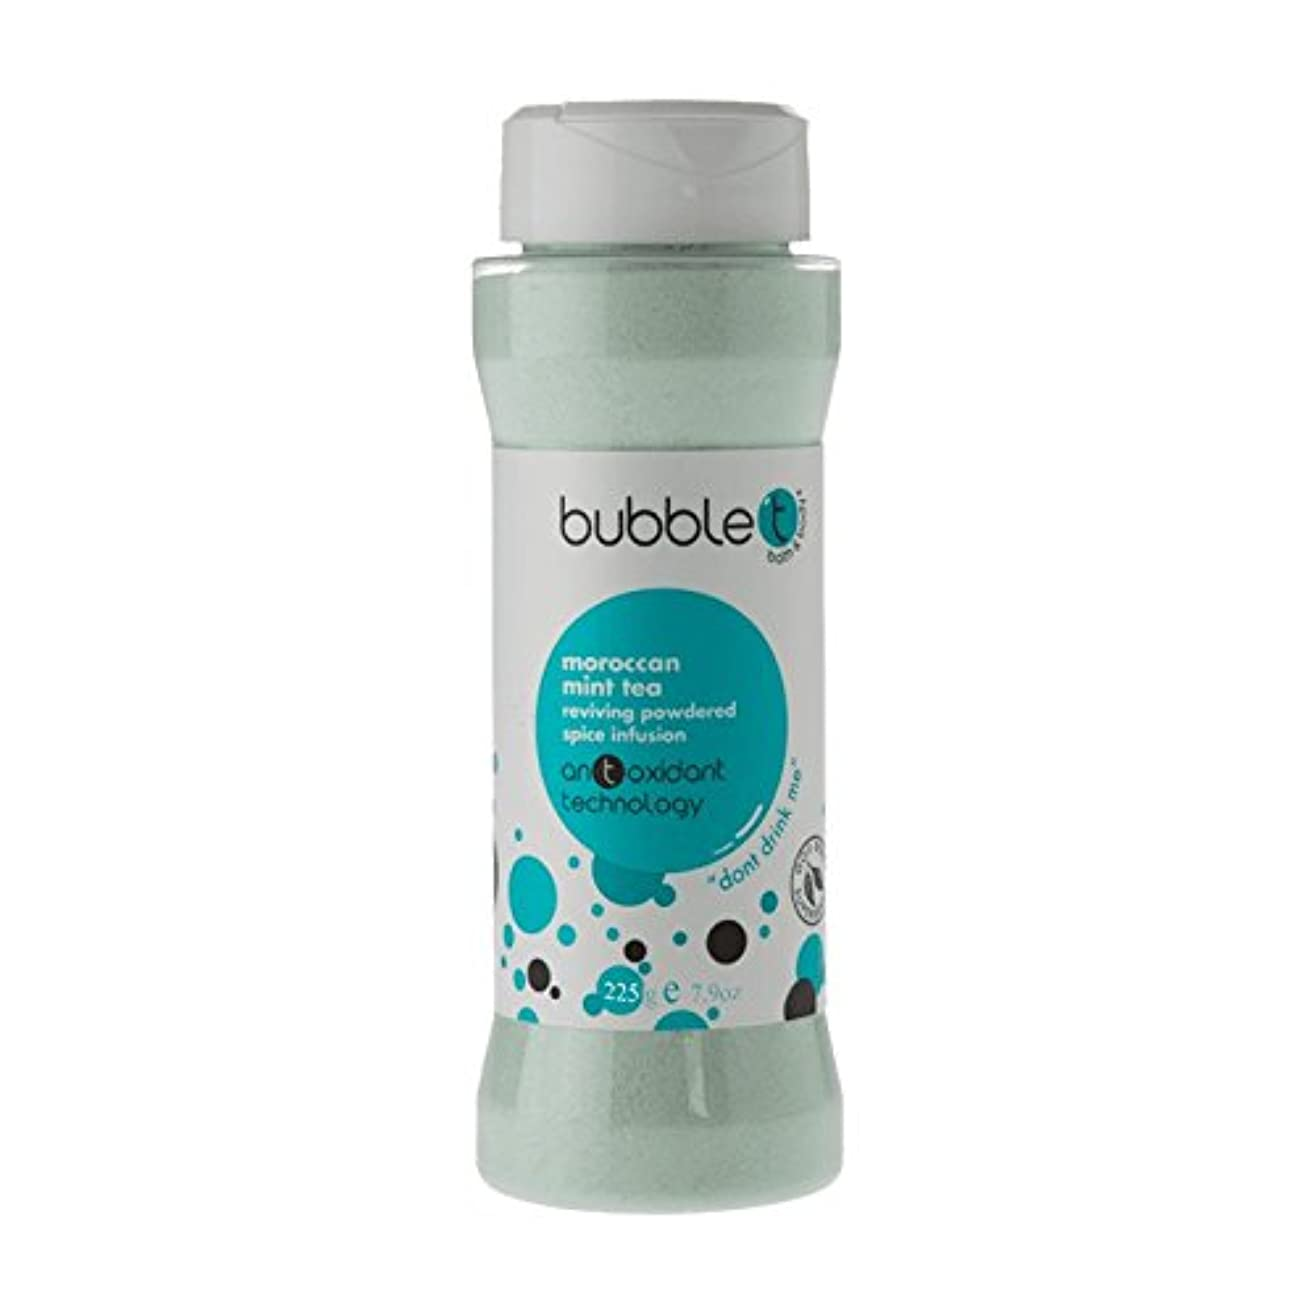 両方貴重な平手打ちBubble T Bath Spice Infusion Morrocan Mint Tea 225g (Pack of 2) - バブルトン風呂スパイス注入モロッコのミントティー225グラム (x2) [並行輸入品]